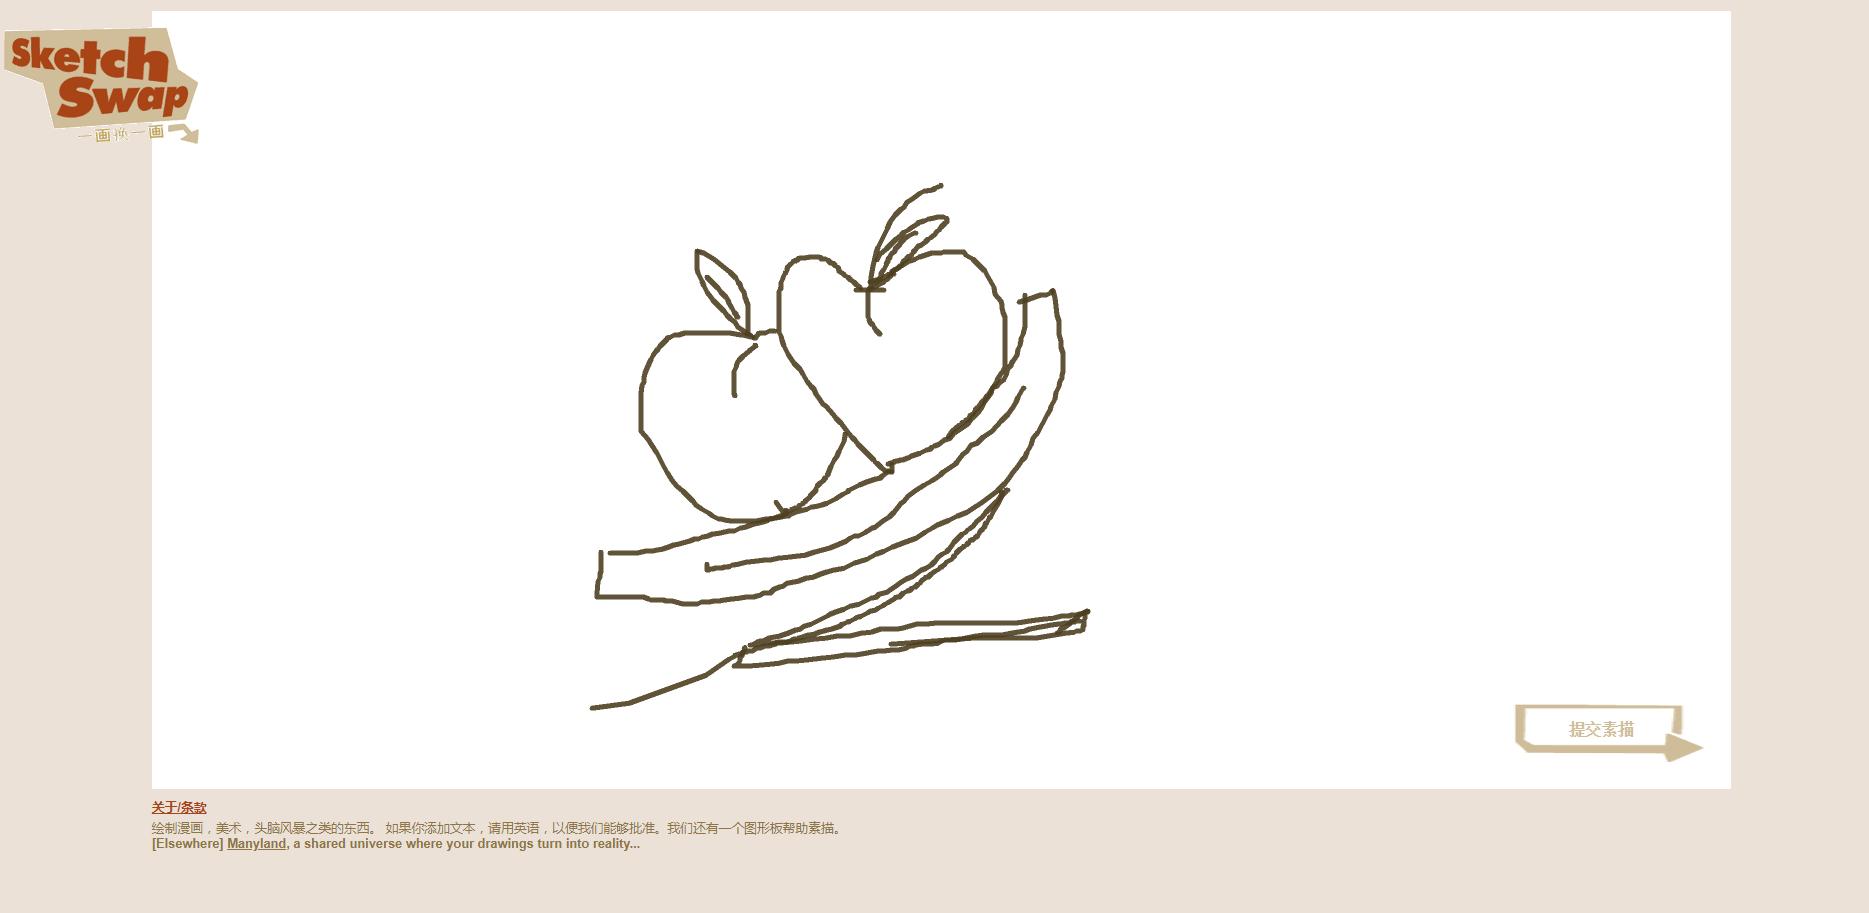 与世界各地的人交换画作:一画换一画 Sketch Swap